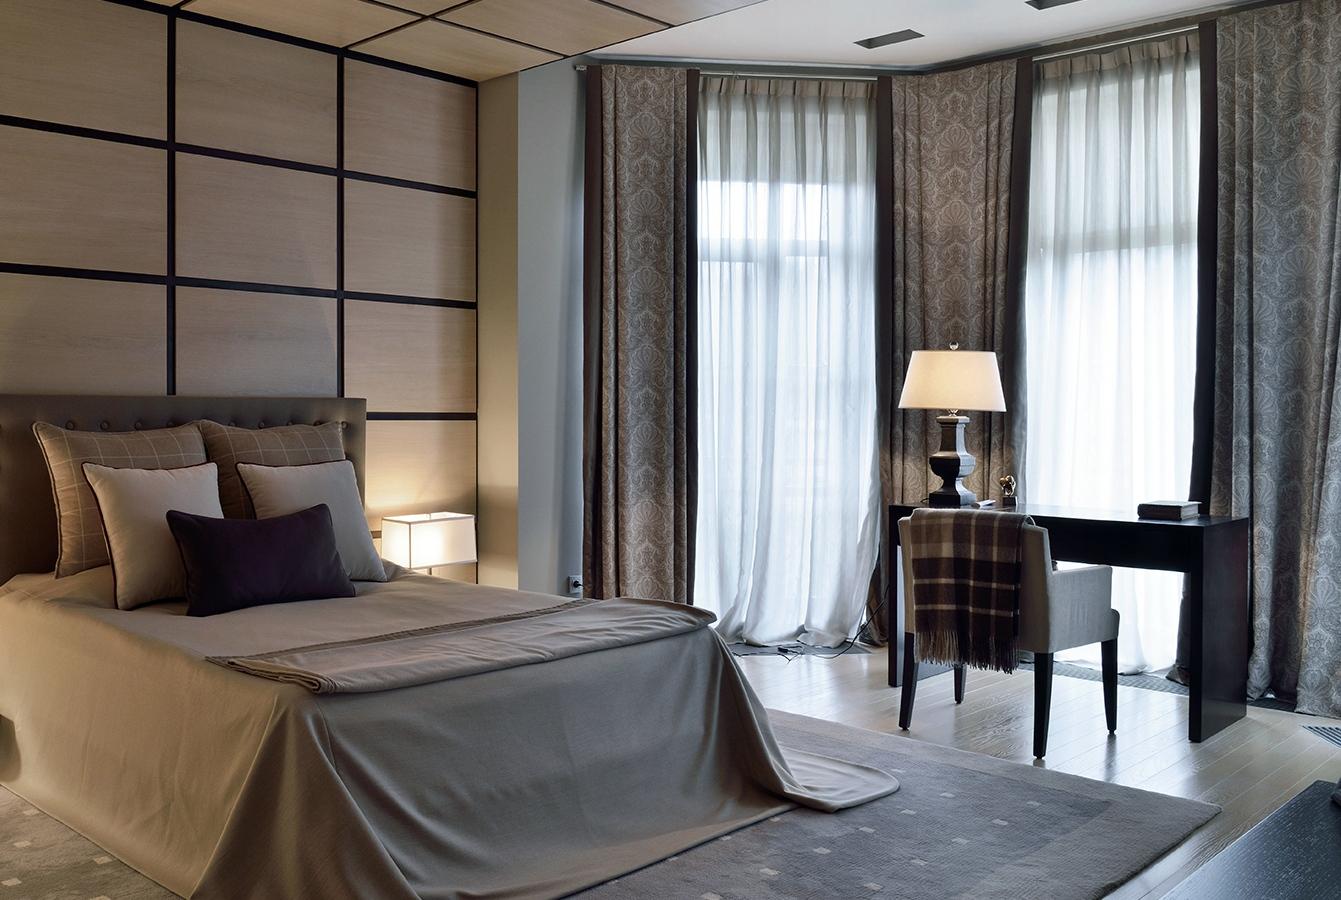 shtory_bedroom